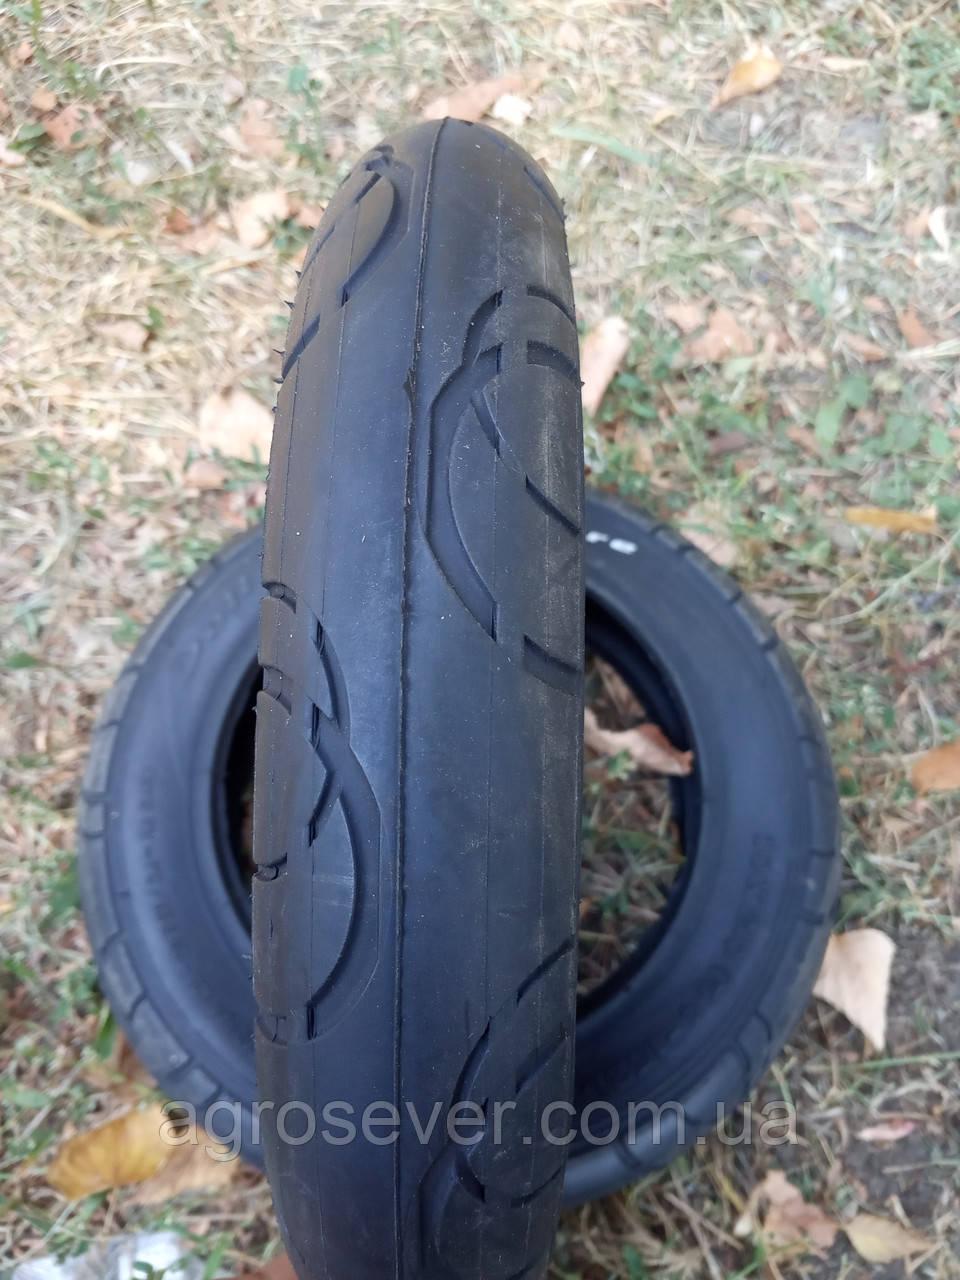 Покрышка для коляски 10x2,0 (54-152)  SA-259 Delitire - Индонезия